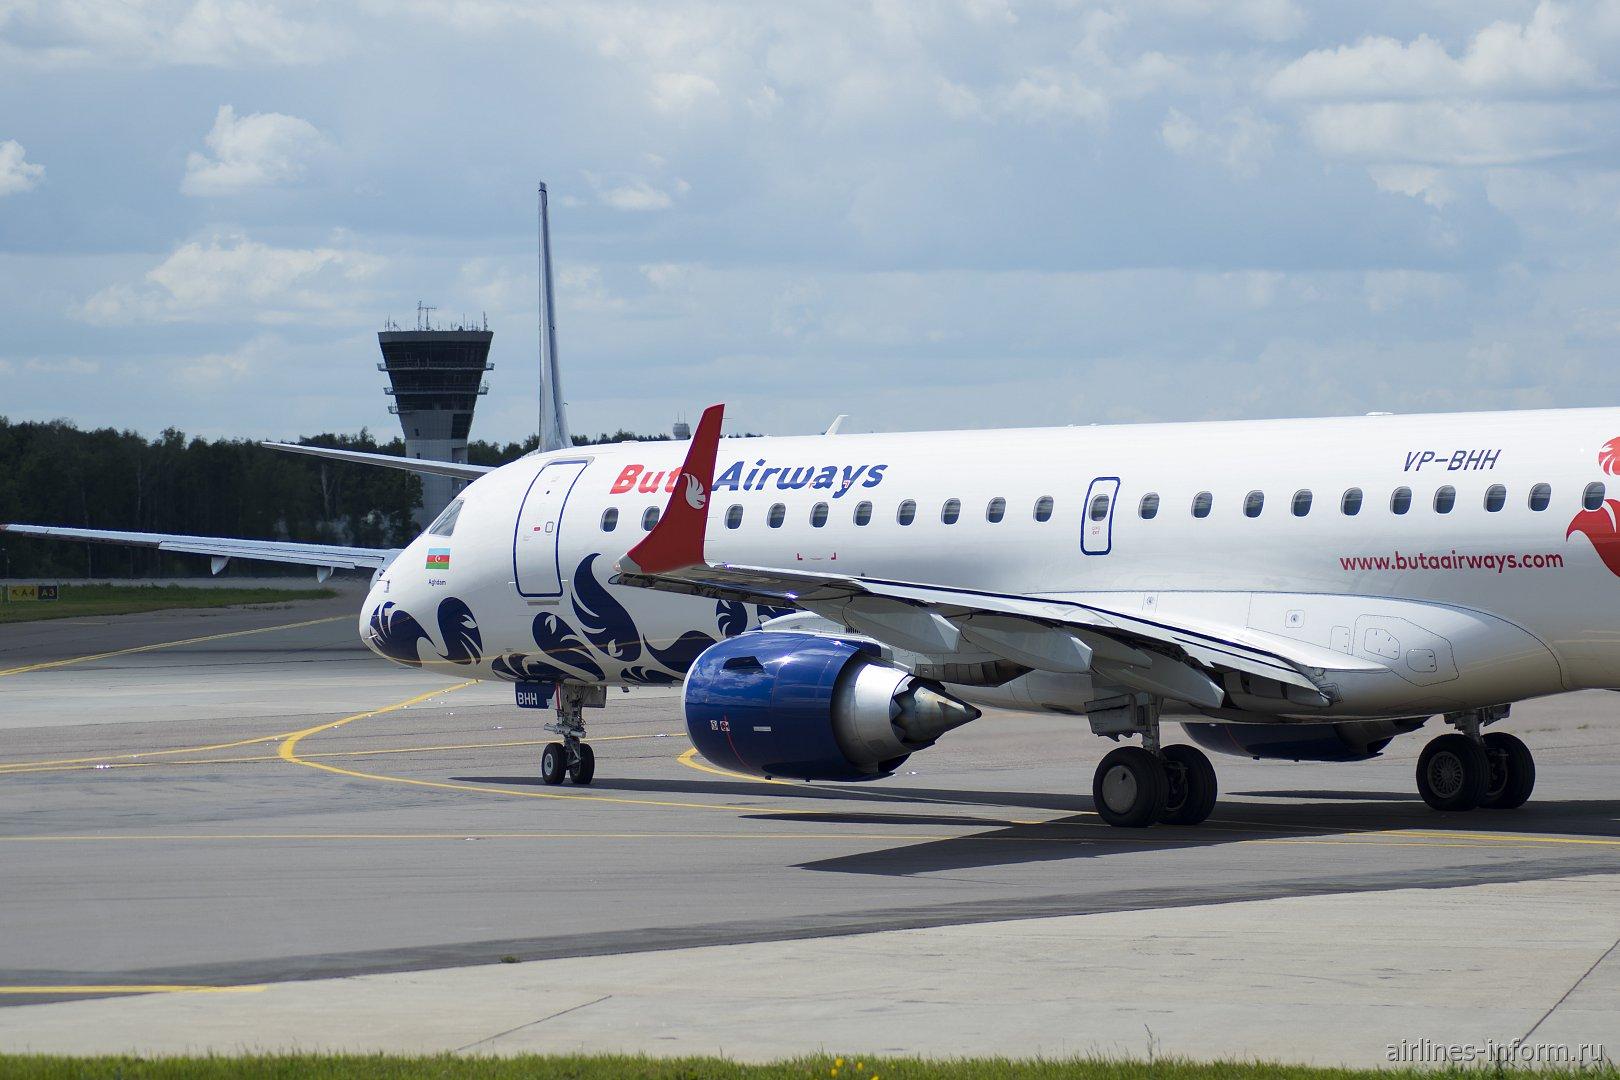 Авиалайнер Embraer 190 VP-BHH авиакомпании Buta Airways готовится к взлету в аэропорту Внуково